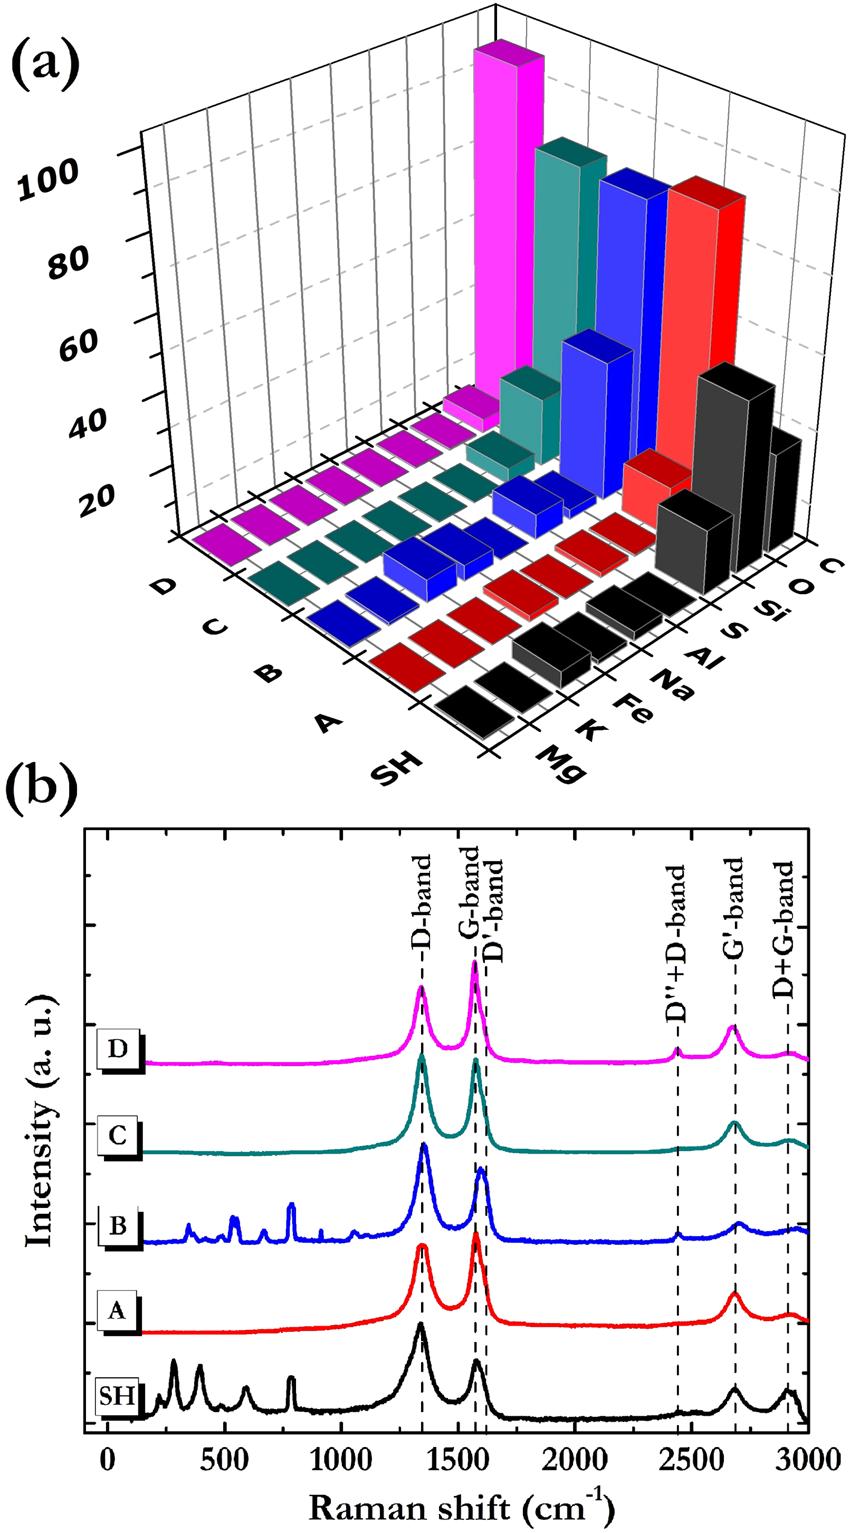 Graphene platelets from shungite rock modulate